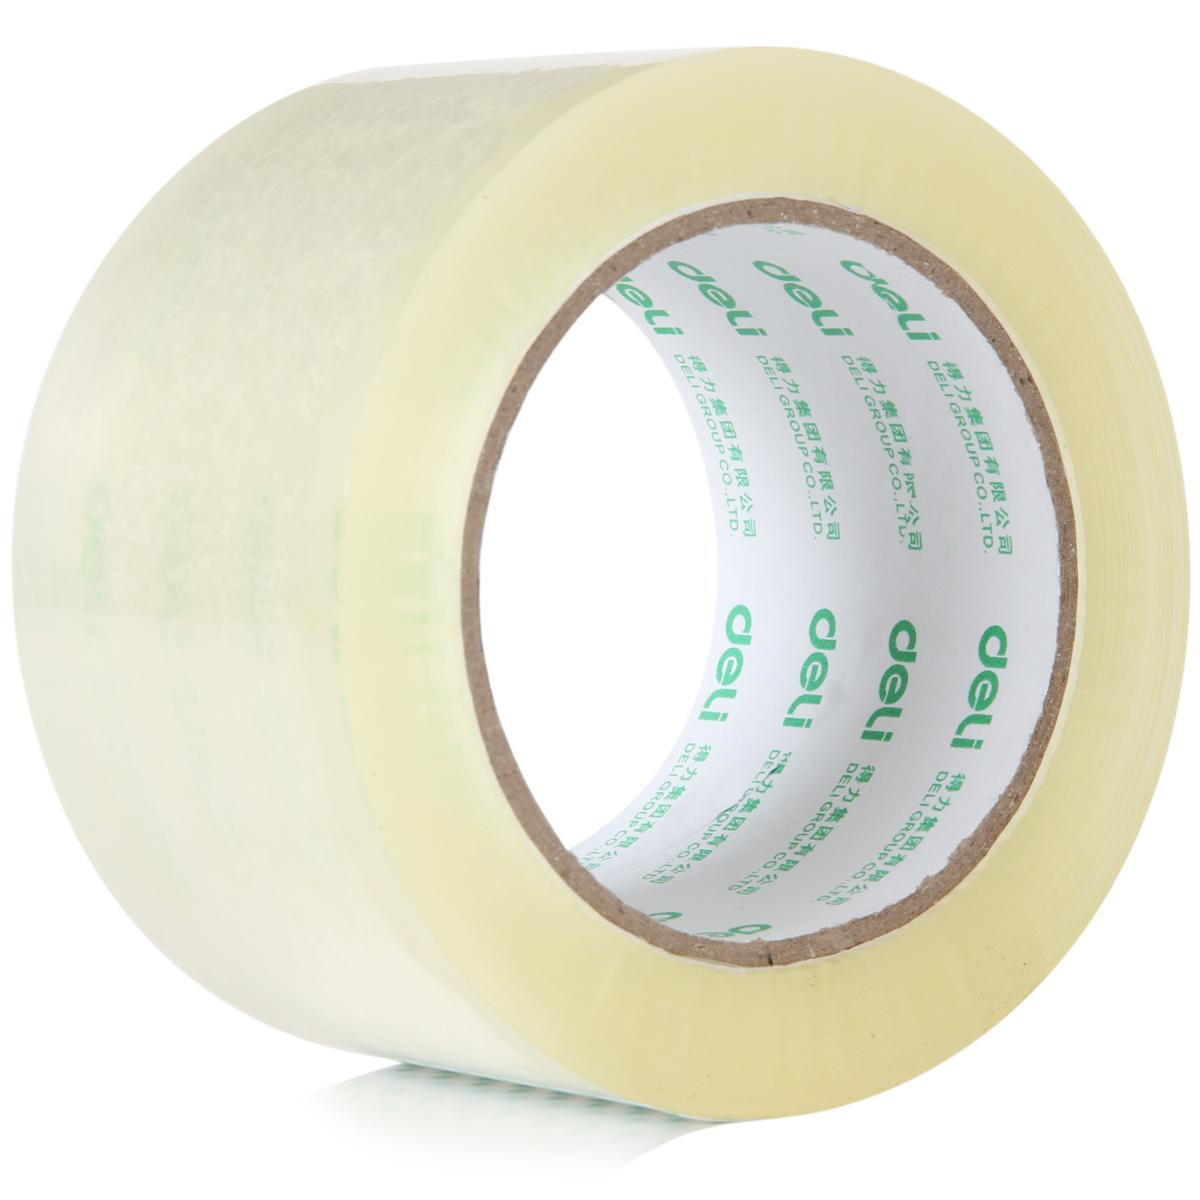 Эффективная 30332 уплотнительная лента 60мм * 60й Скотч-лента пакет лента